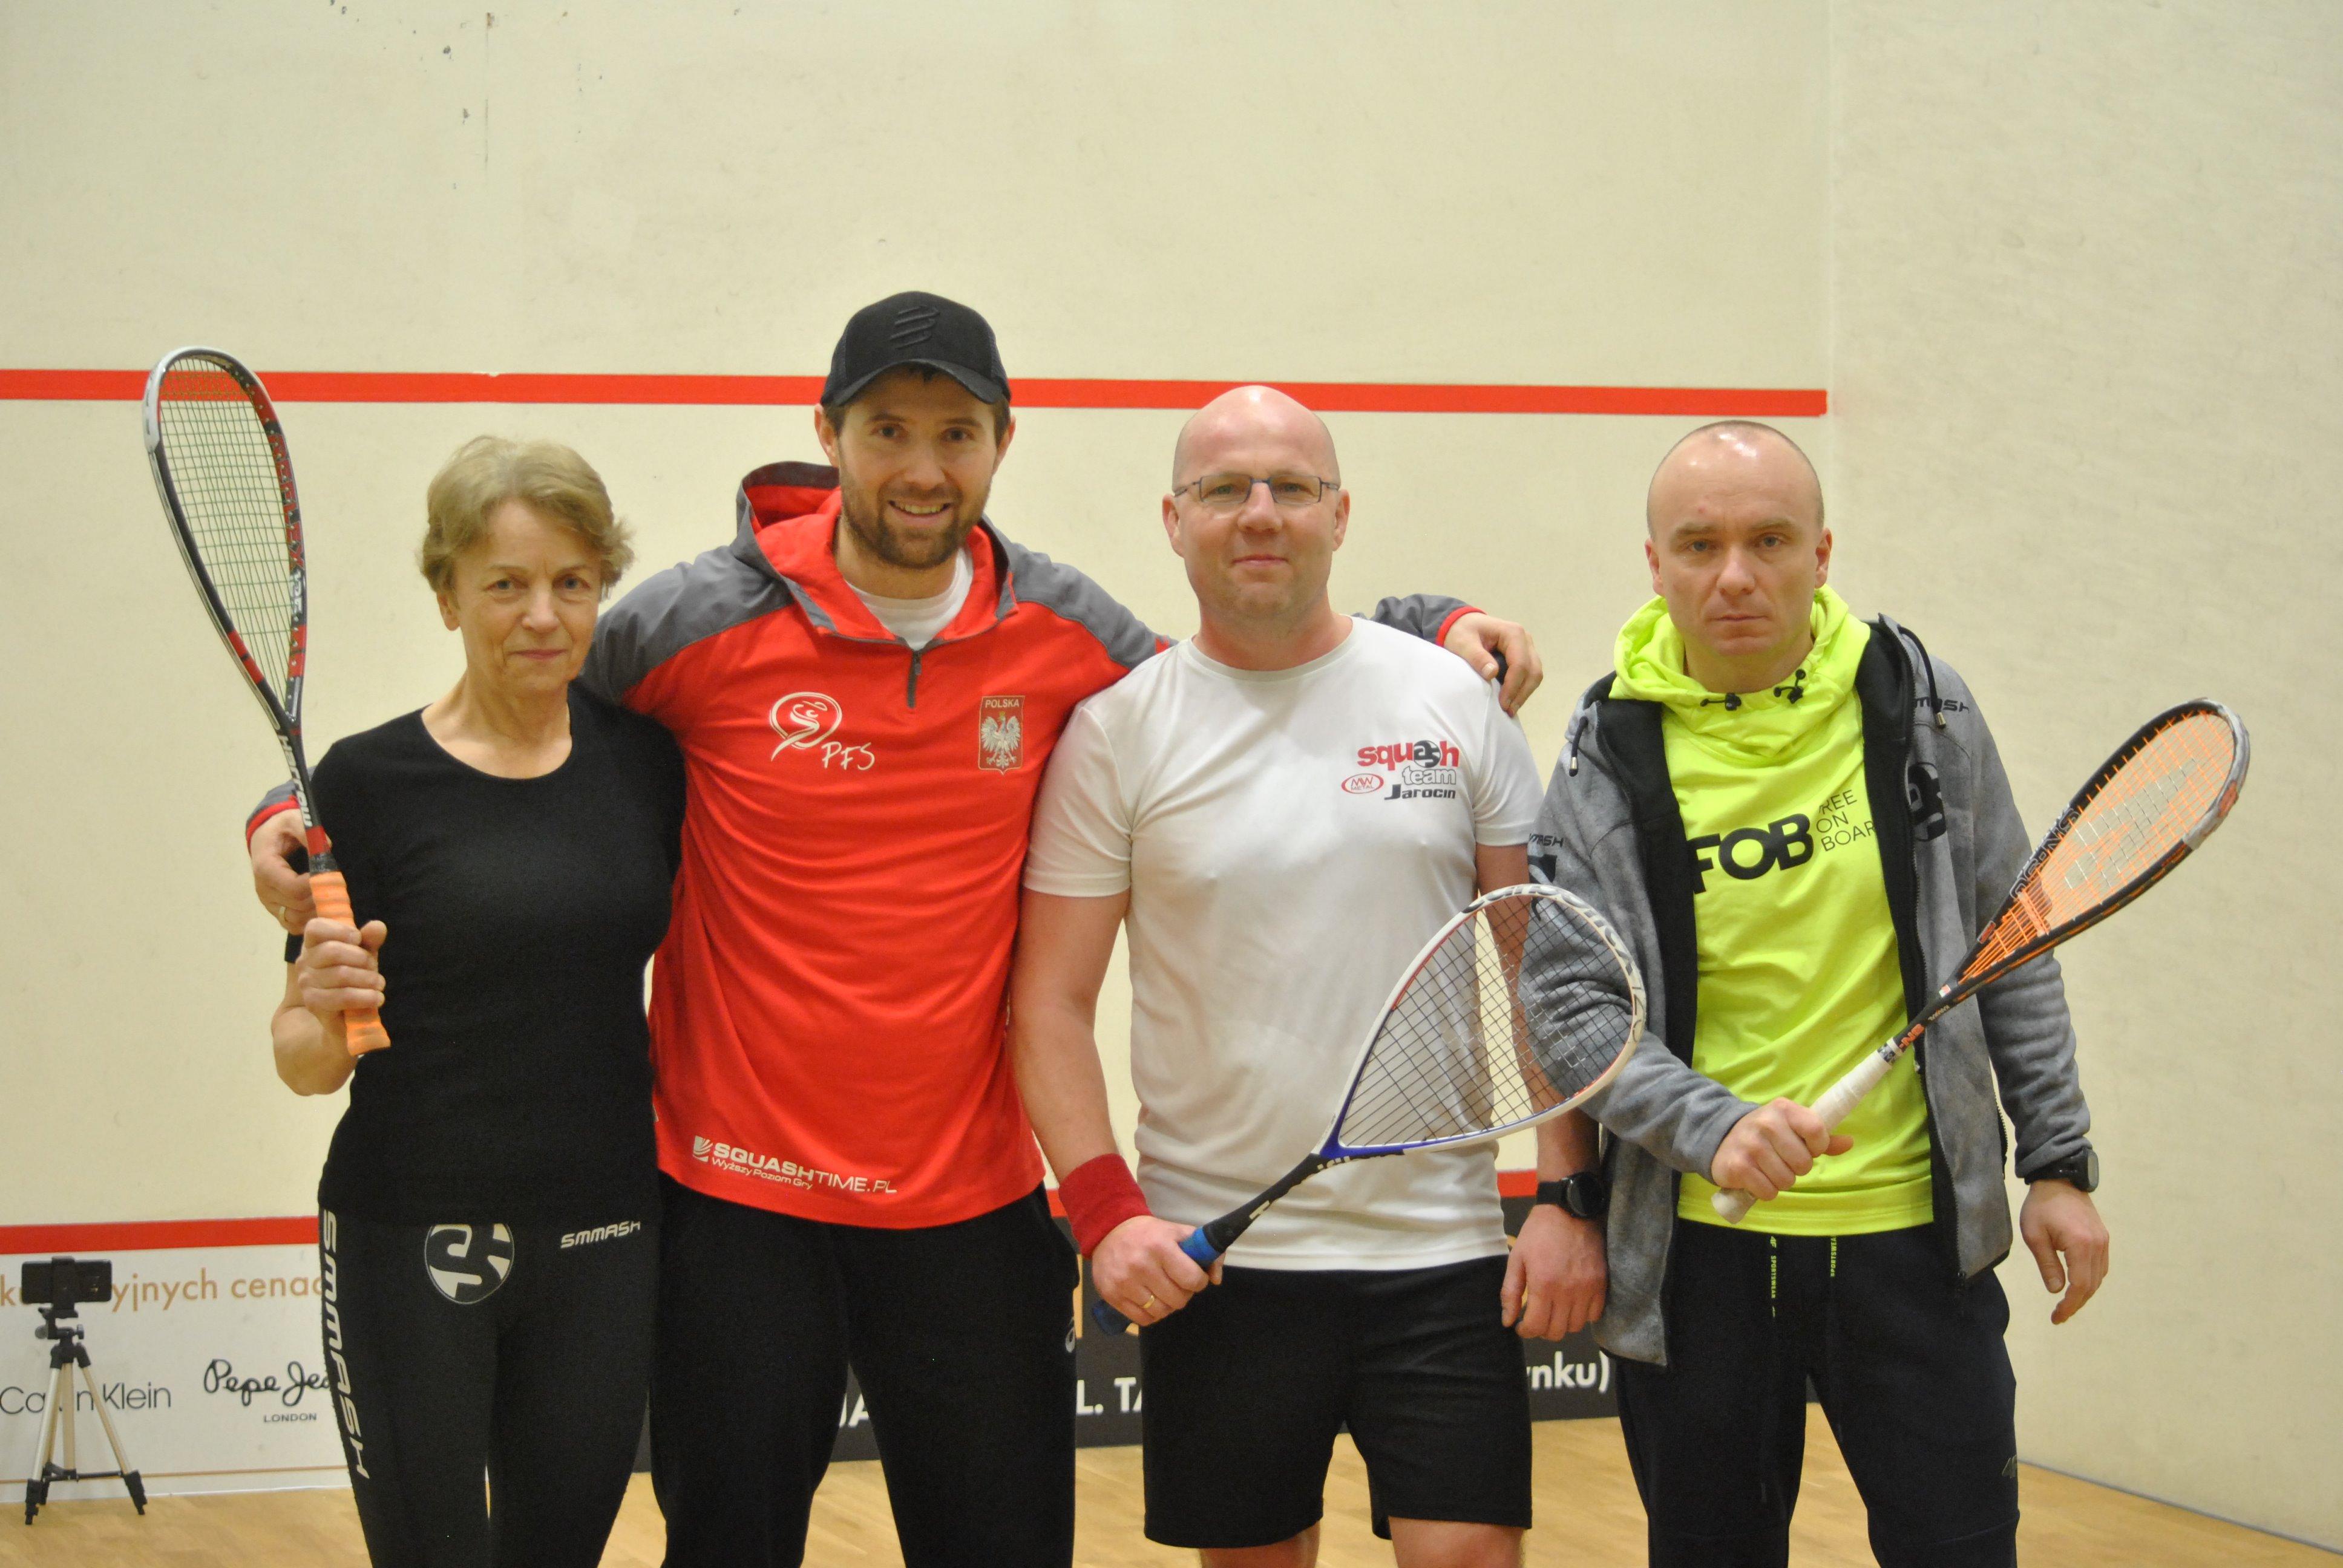 Mistrz Polski w squasha Przemysław Atras poprowadził treningi w Jarocinie - Zdjęcie główne